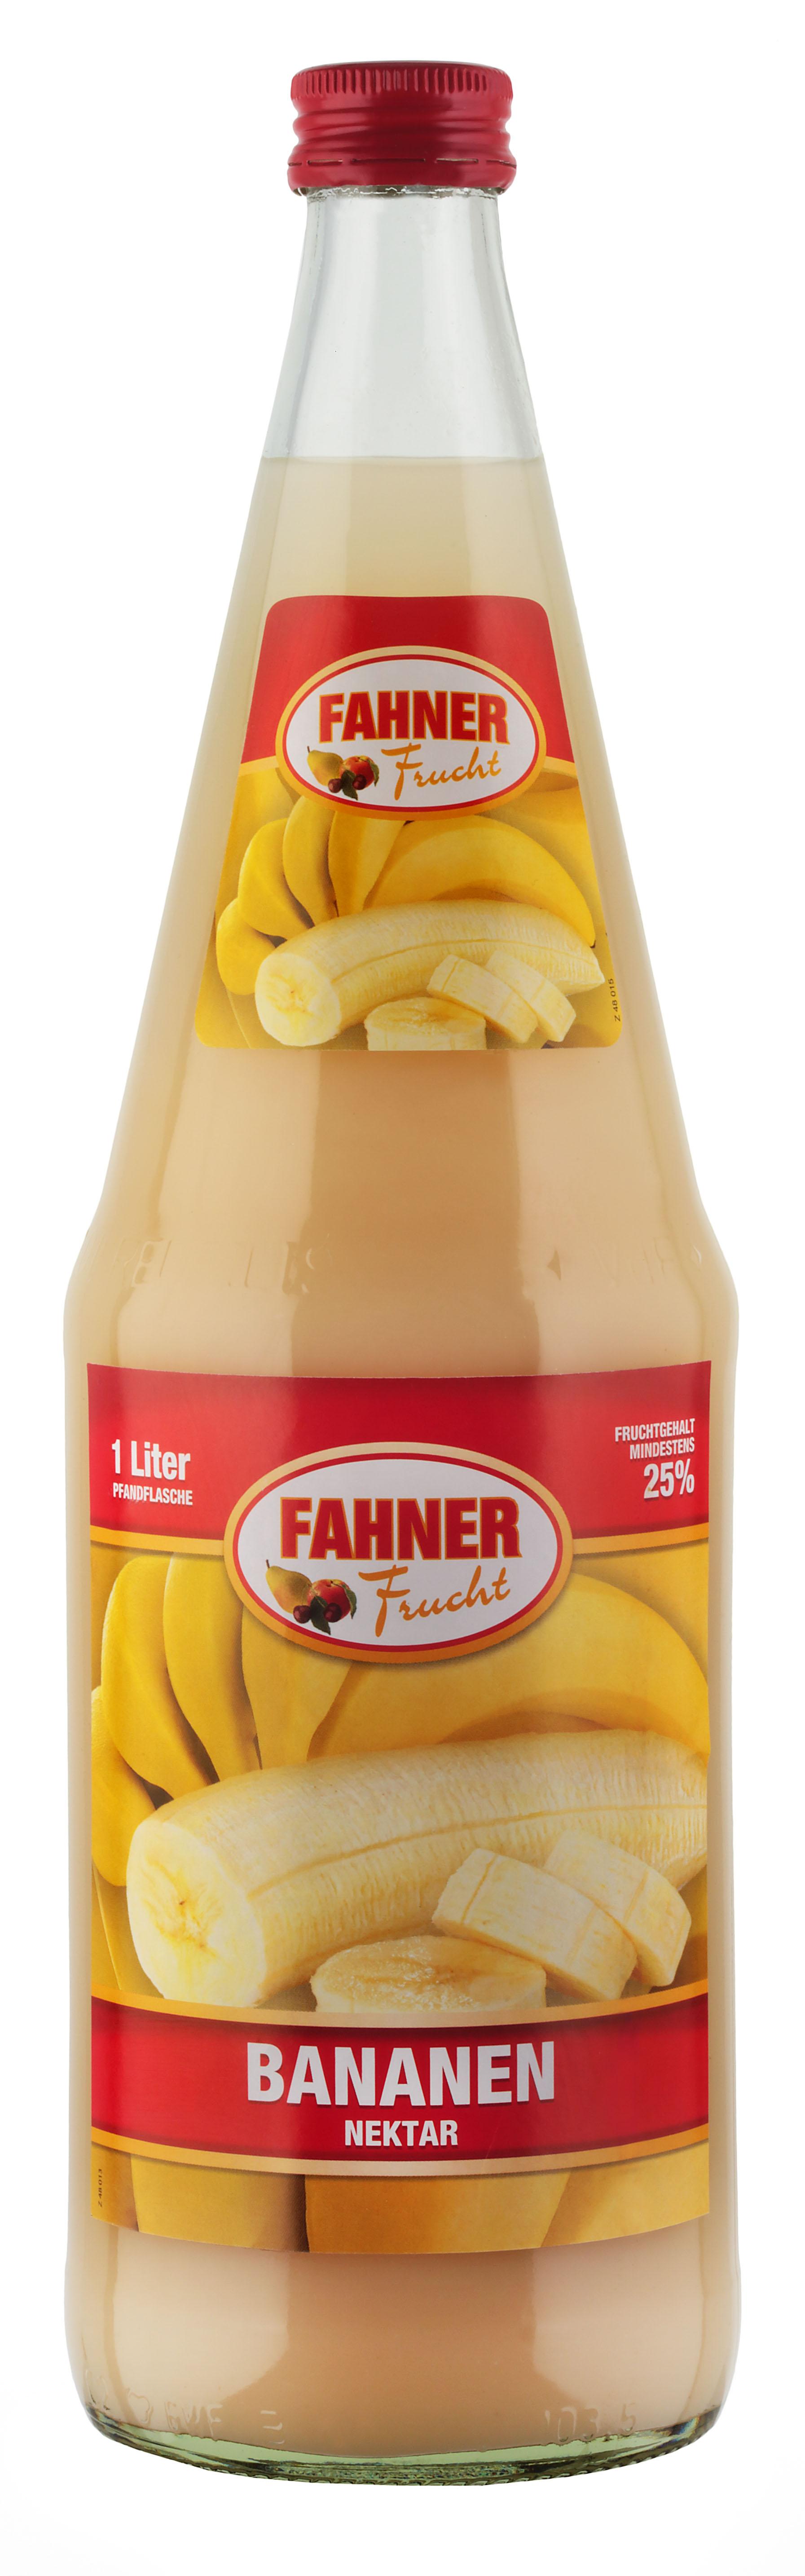 FAHNER Bananen Nektar 6x1 l